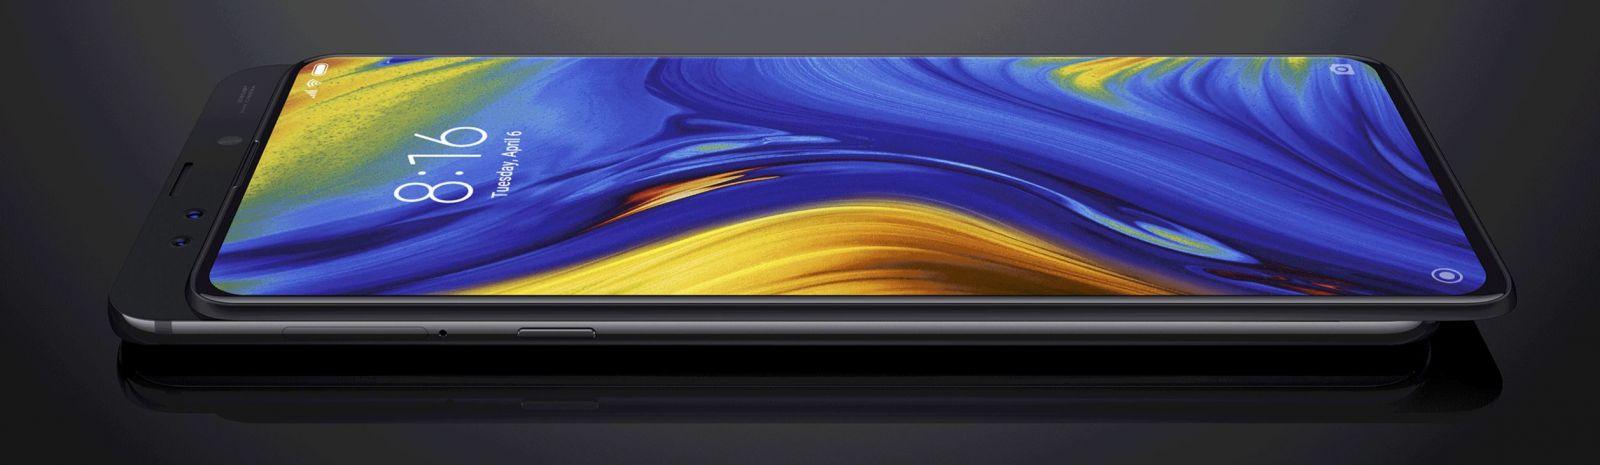 Xiaomi Mi Mix 3 je perfektnou vysúvačkou pre tých najnáročnejších